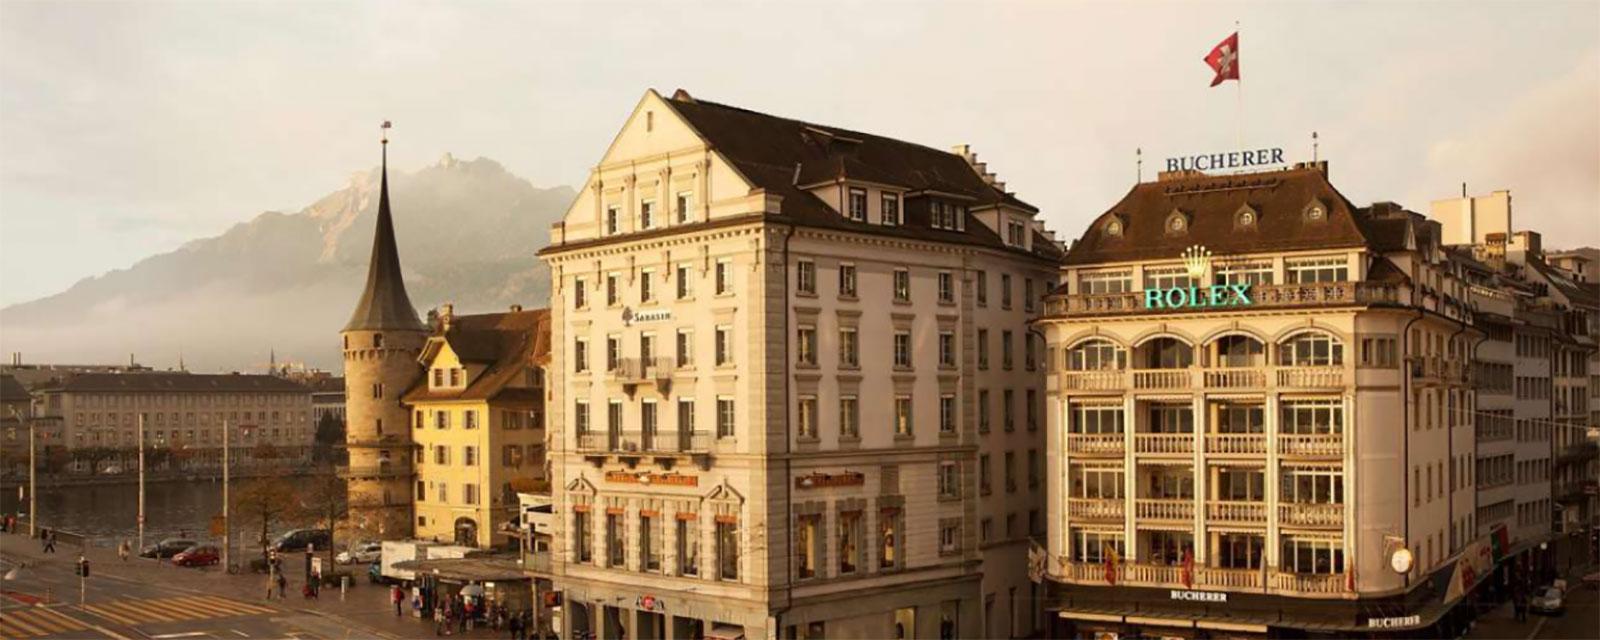 Bucherer_Luzern-Schwanenplatz